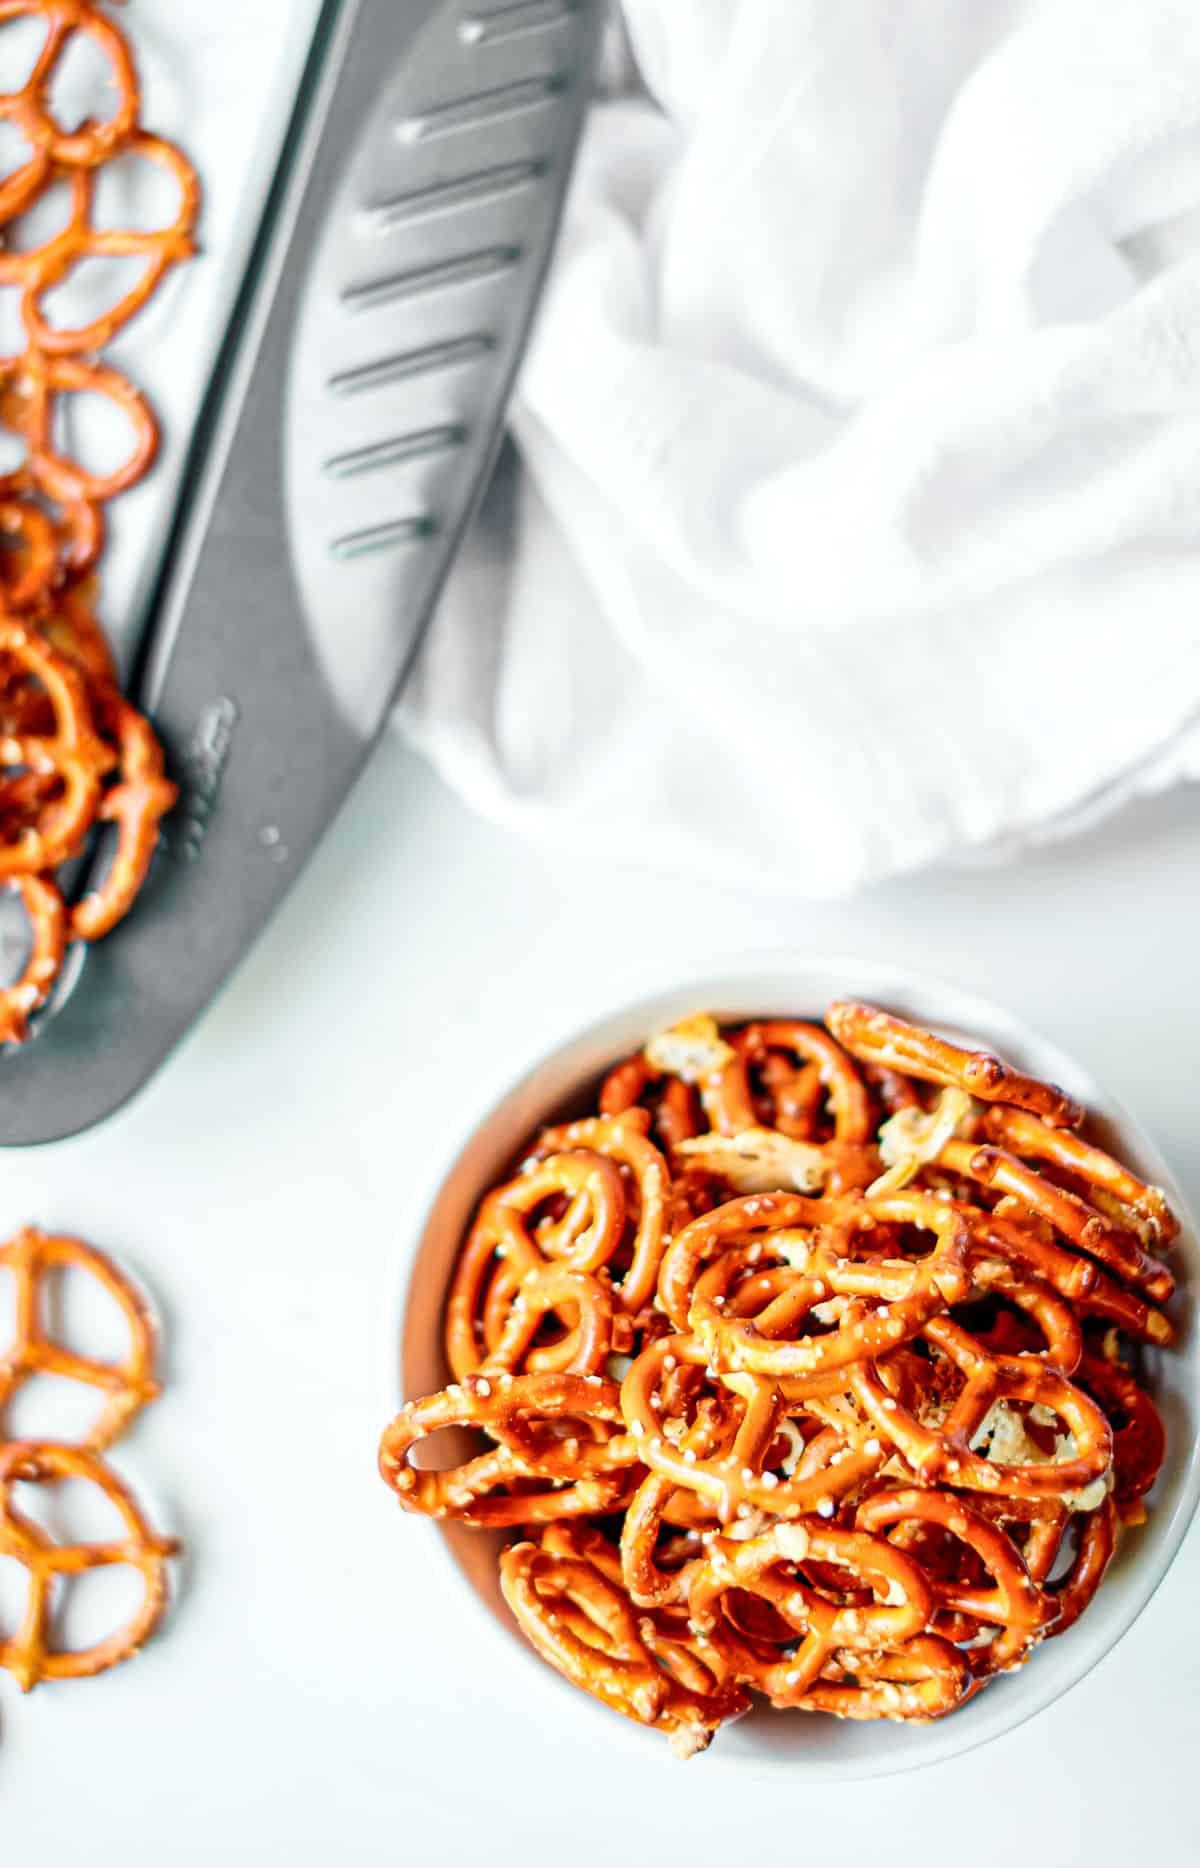 Bowl of baked seasoned pretzels for snacking